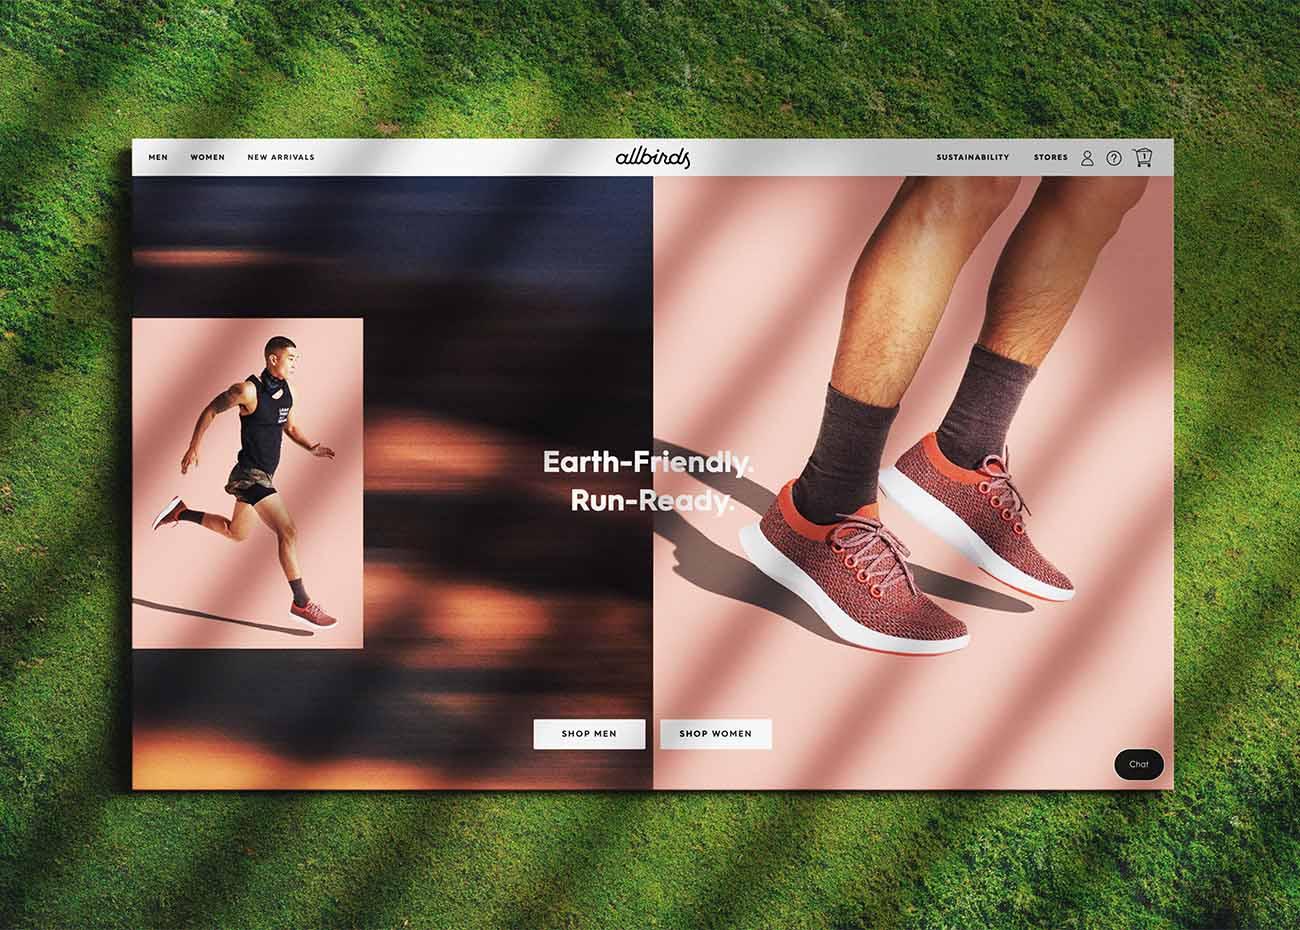 Allbirds Homepage Screenshot